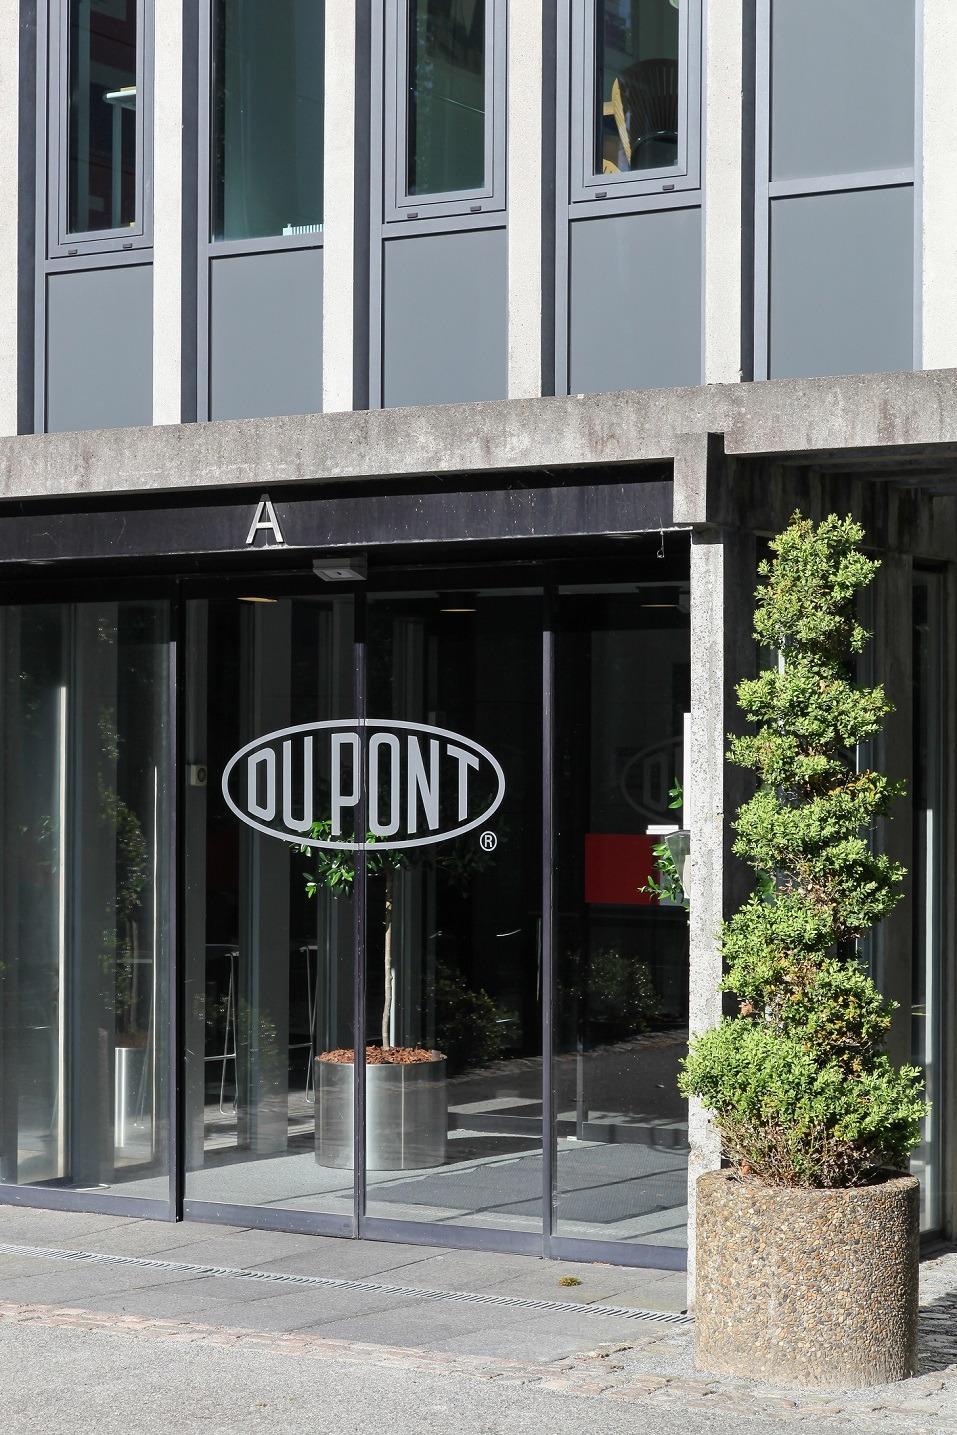 Du Pont offices in Aarhus, Denmark